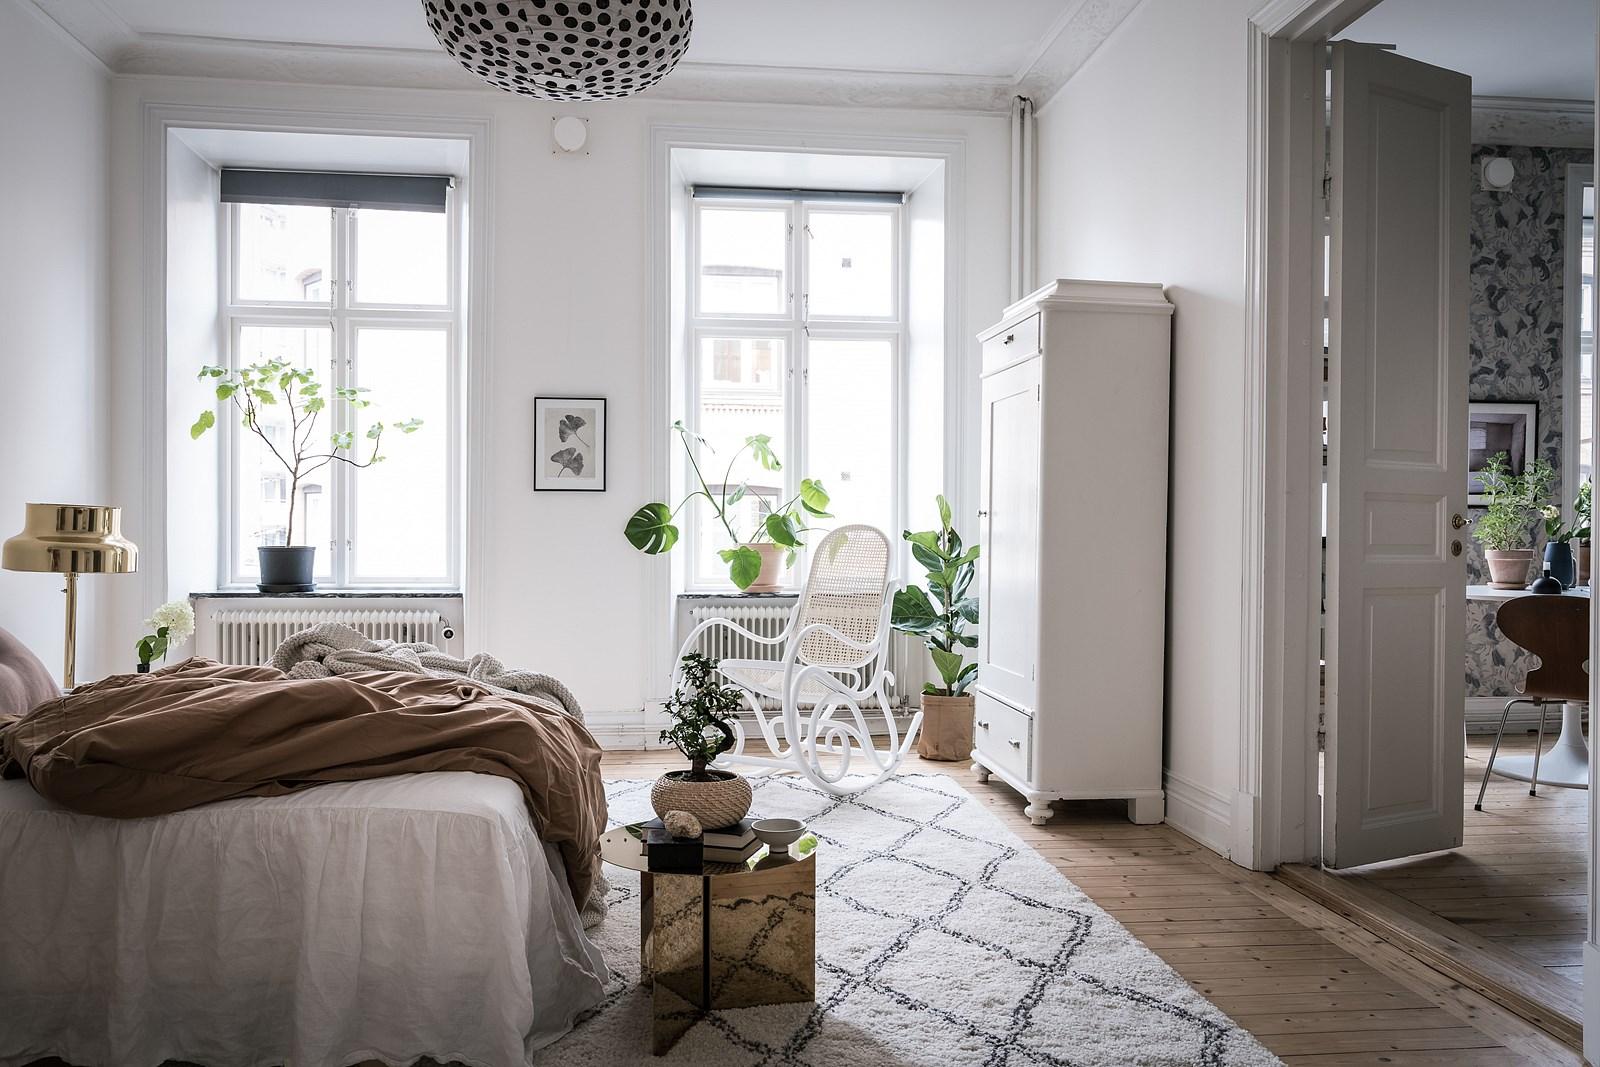 спальня кровать окно кресло качалка шкаф ковер